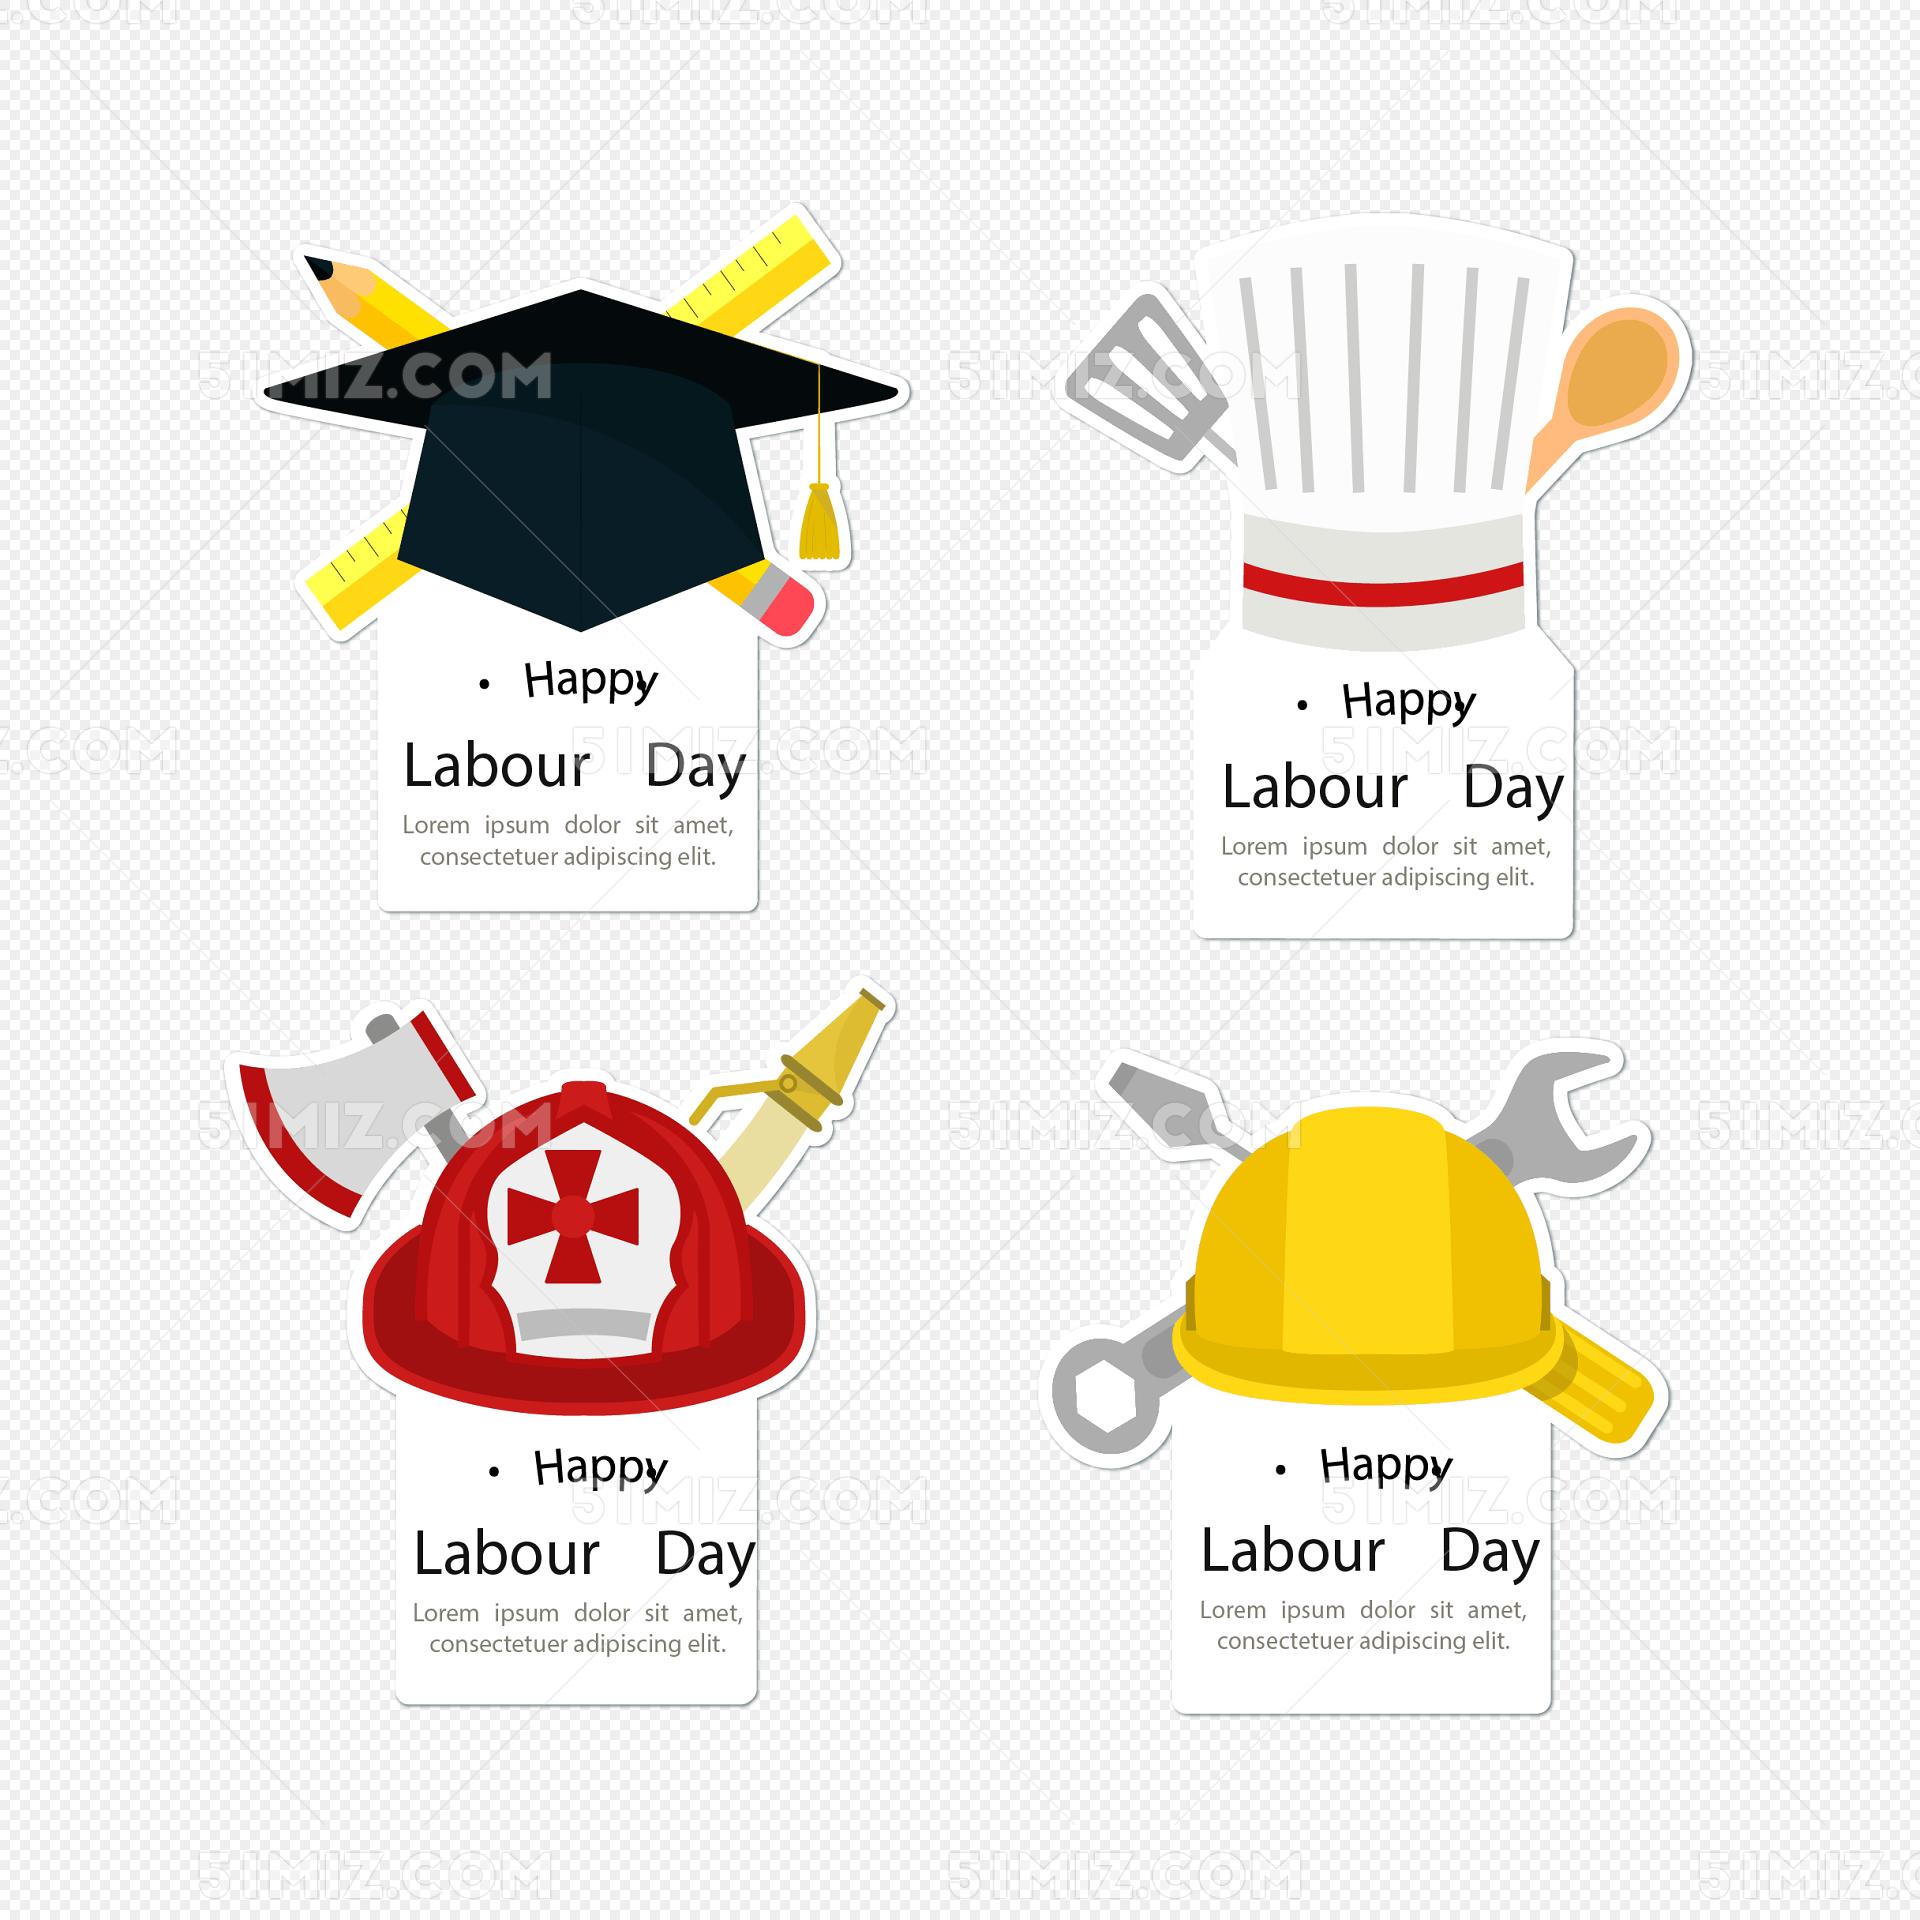 4款创意劳动节帽子标签矢量图免费下载 木勺 消防员帽 消防斧 消防